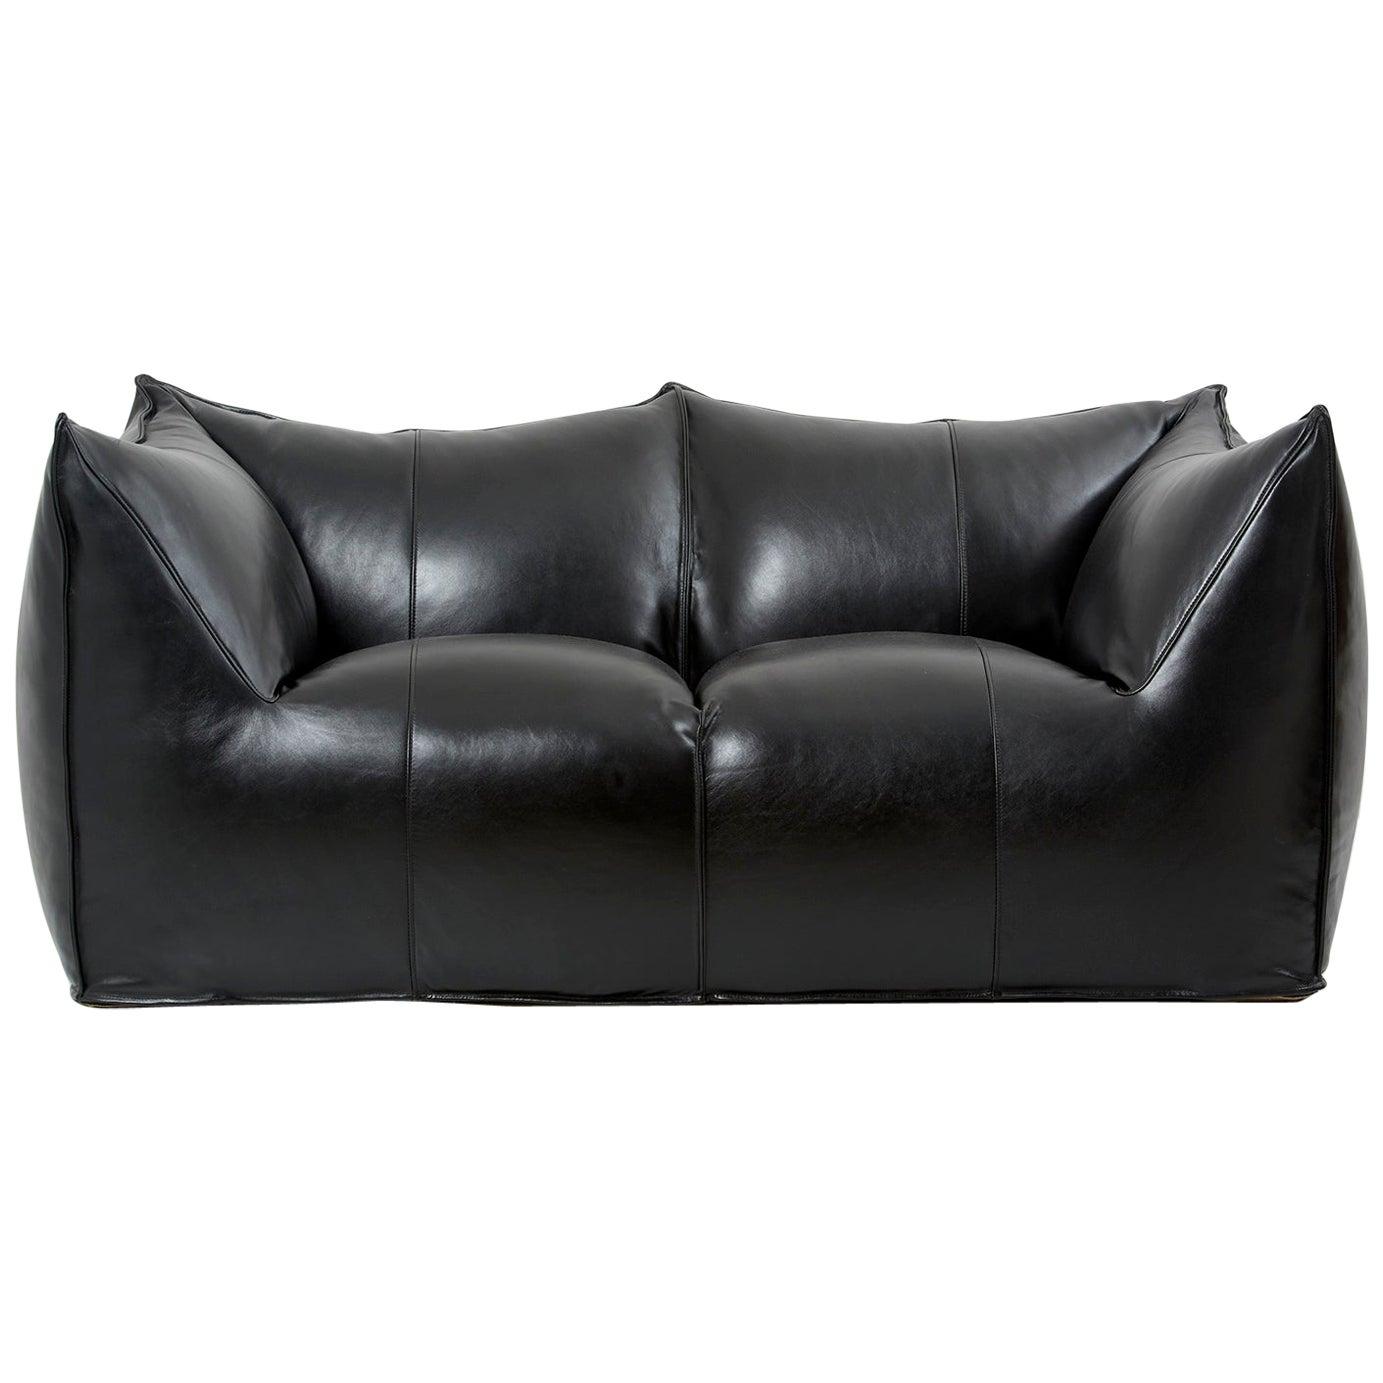 Le Bambole Settee / 2-Seat Sofa by Mario Bellini for B&B Italia, Italy, 1970s